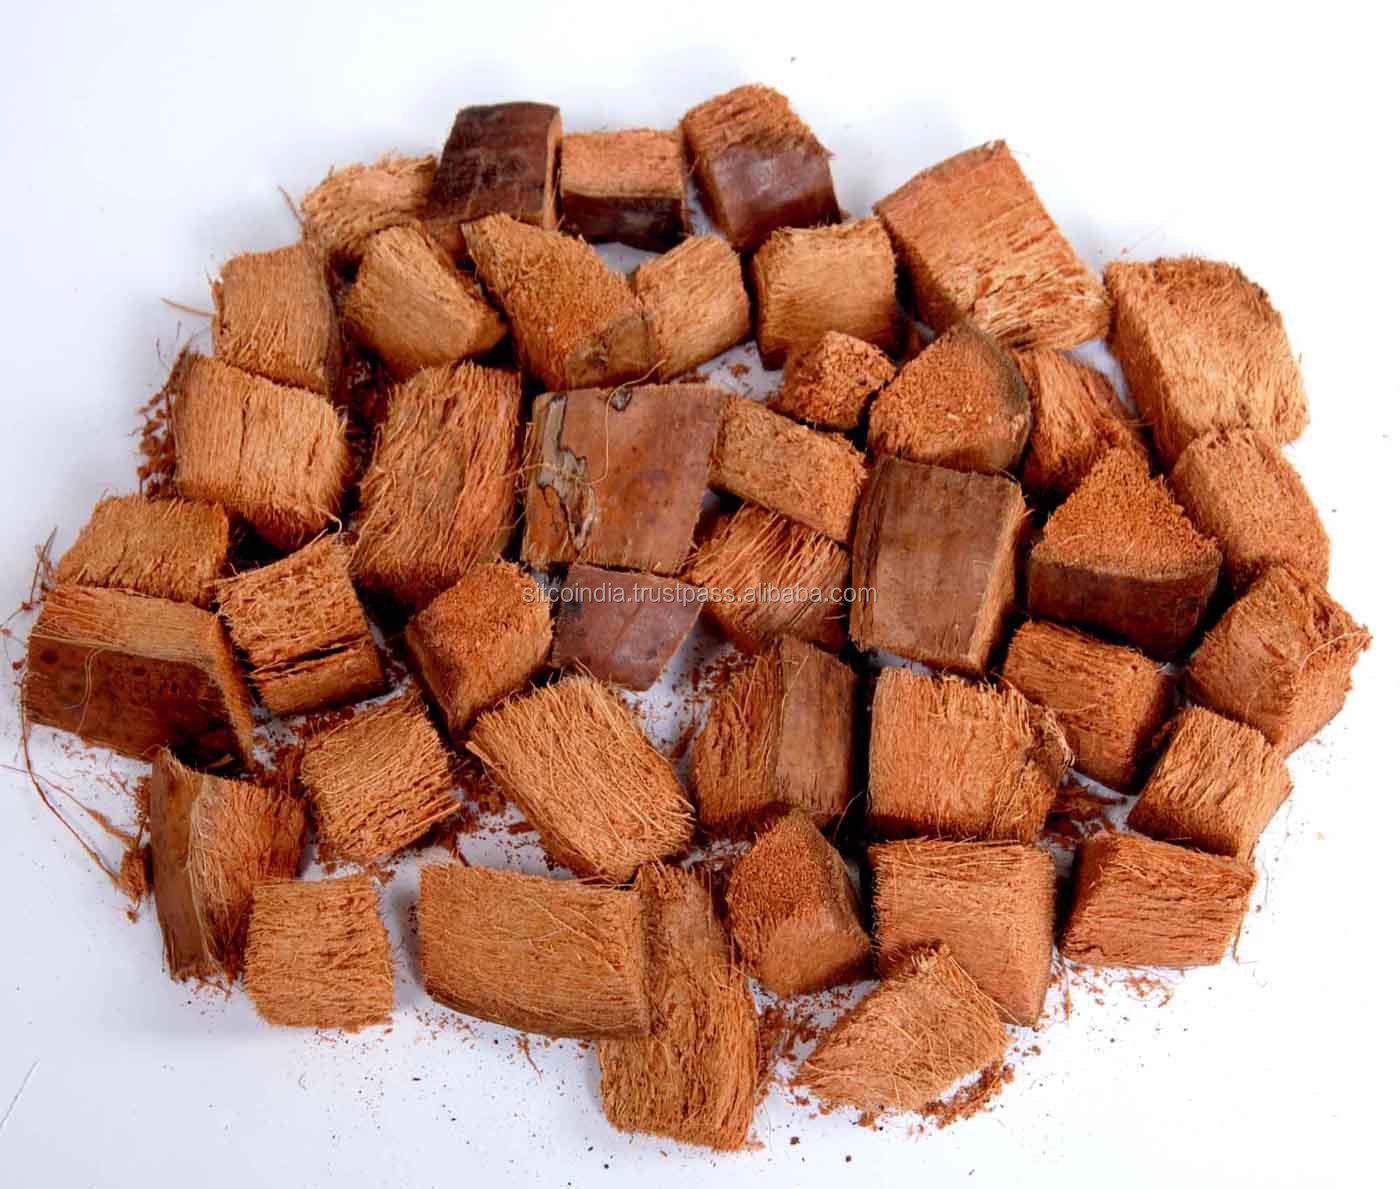 Paillis Noix De Coco copeaux de noix de coco pour l'agriculture - buy copeaux de  coco,copeaux,coques de noix de coco product on alibaba